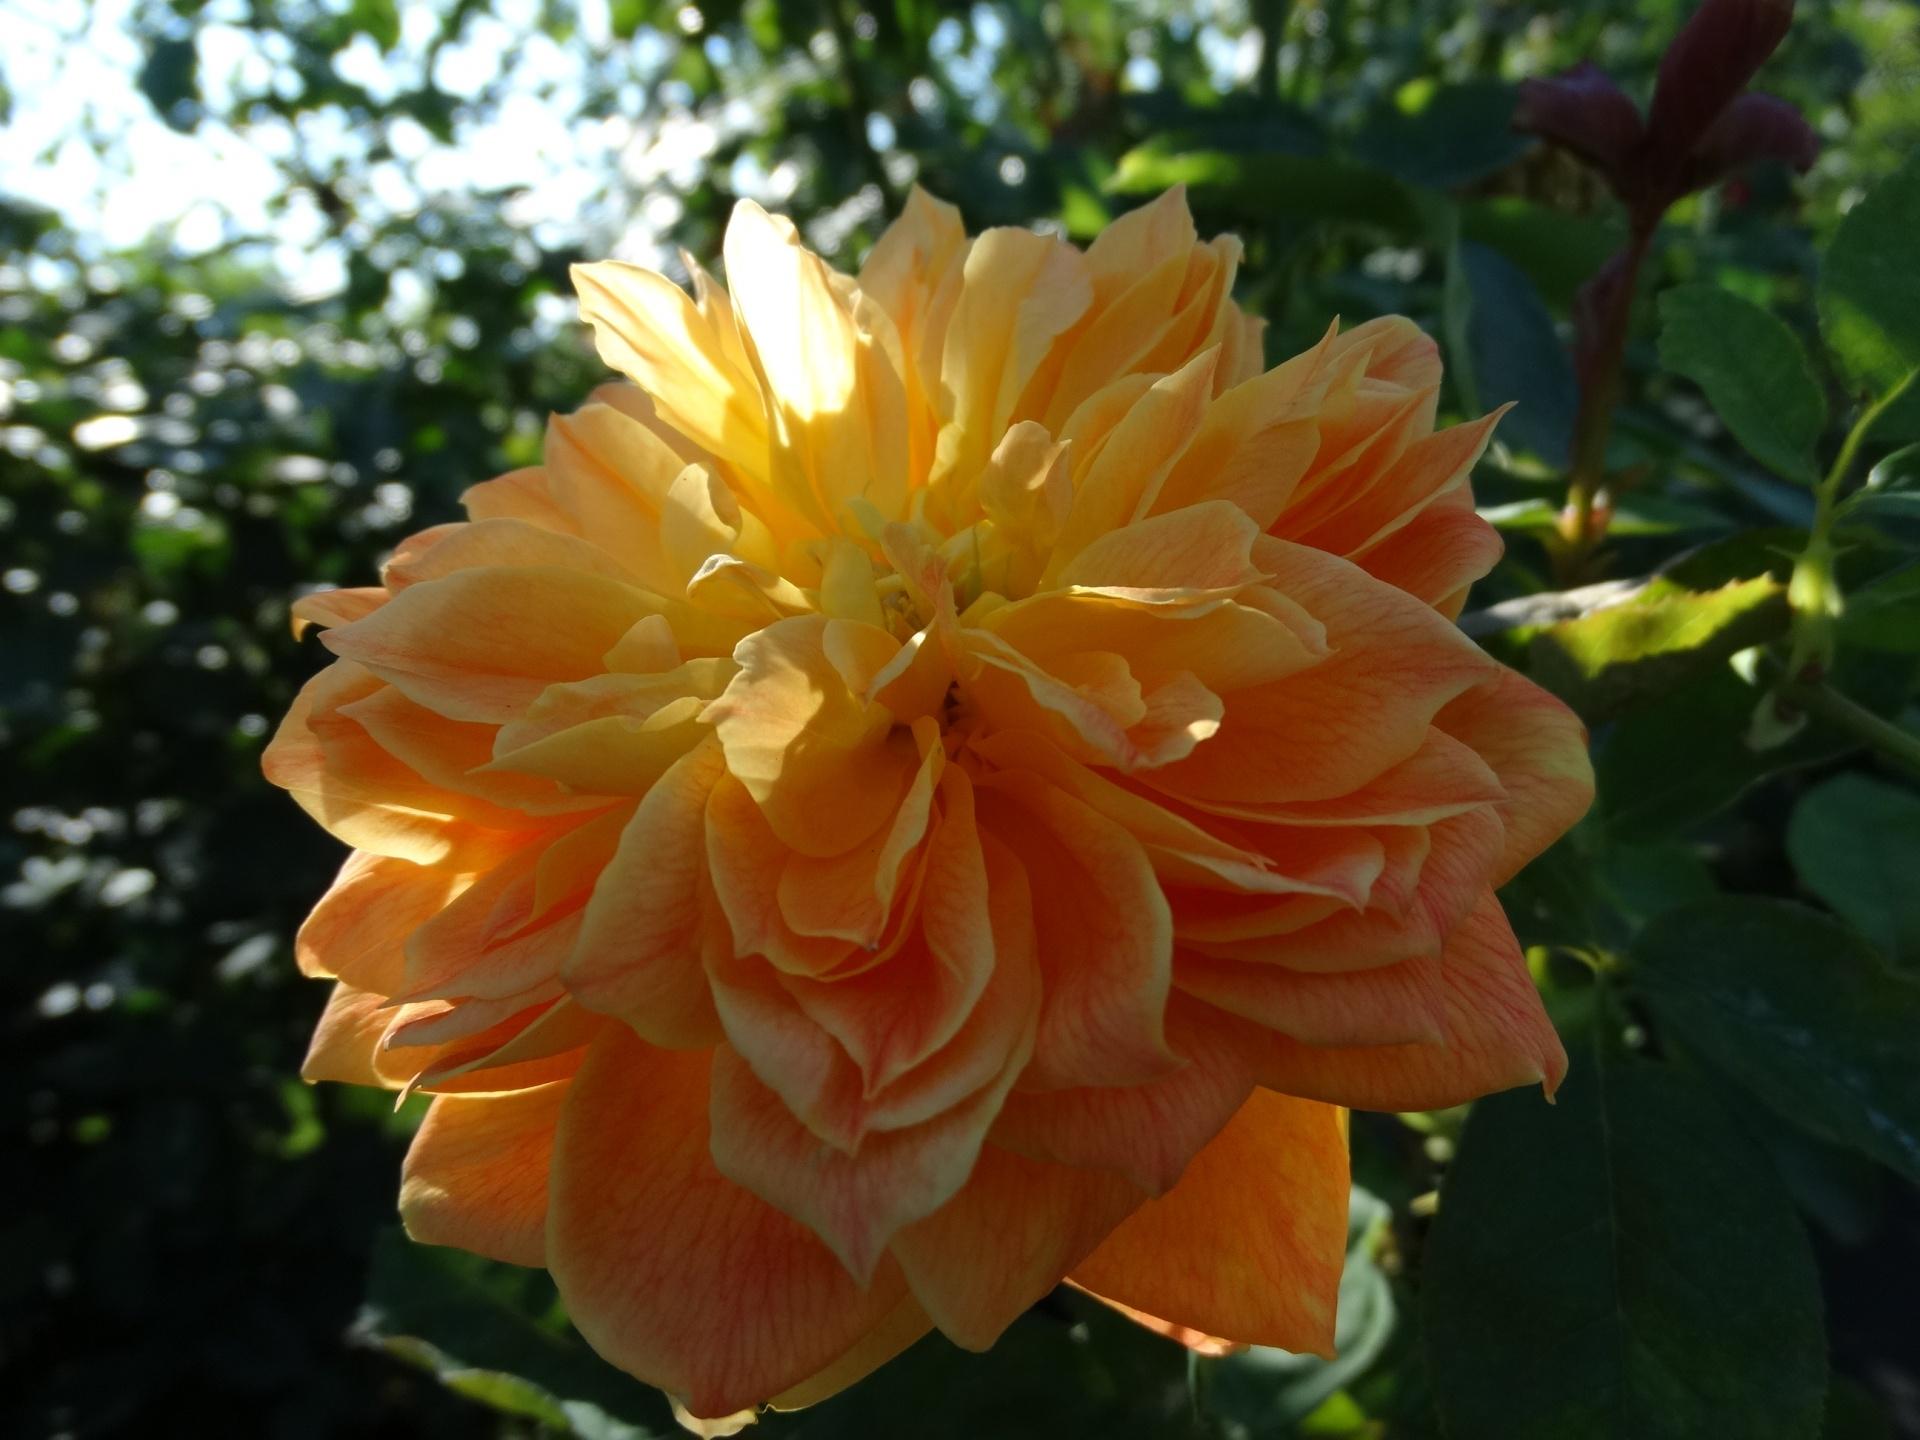 ВВолгограде выращивают «старинные розы»